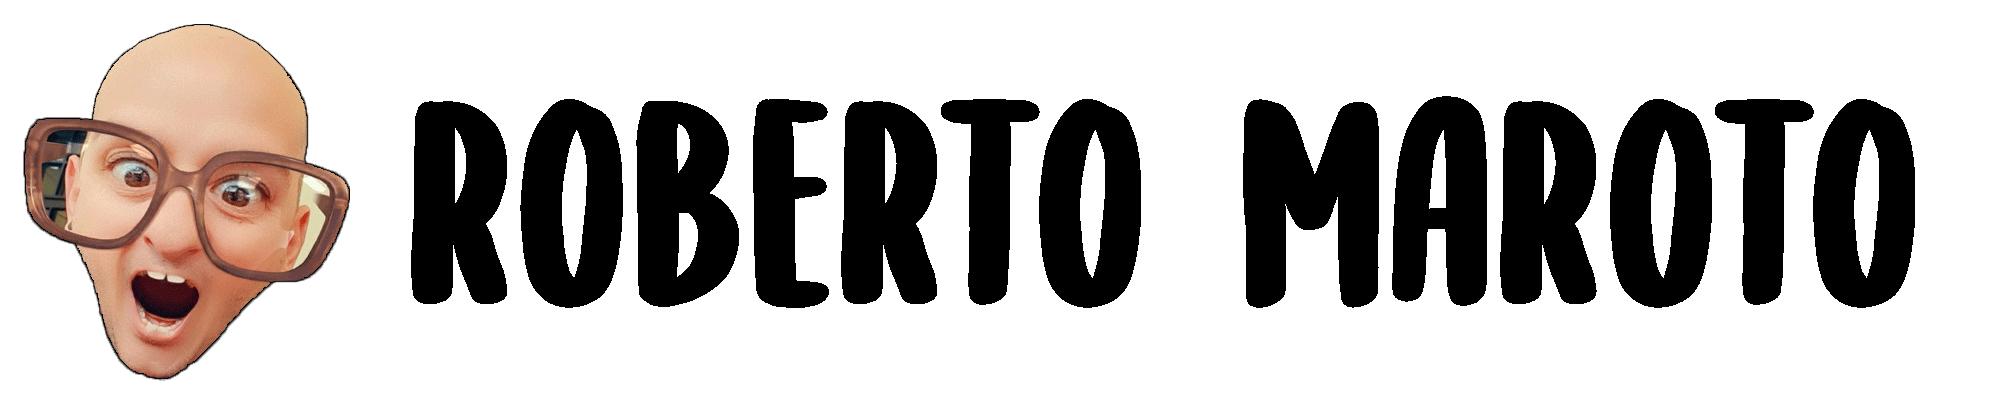 Roberto Maroto